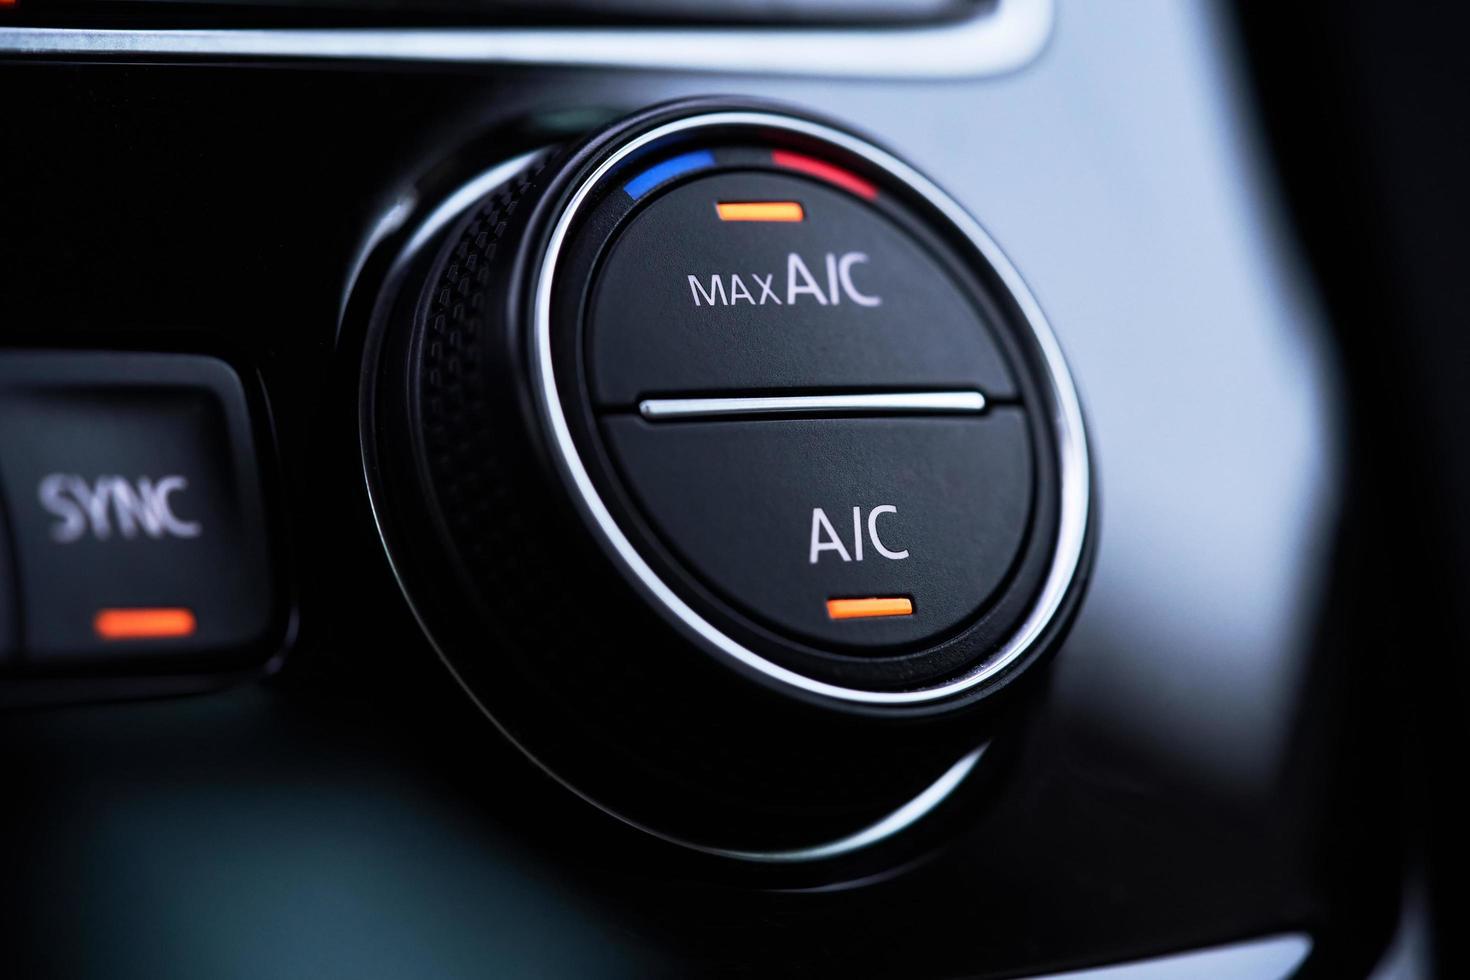 impianto di aria condizionata per auto. aria condizionata attivata modalità di raffreddamento massimo foto